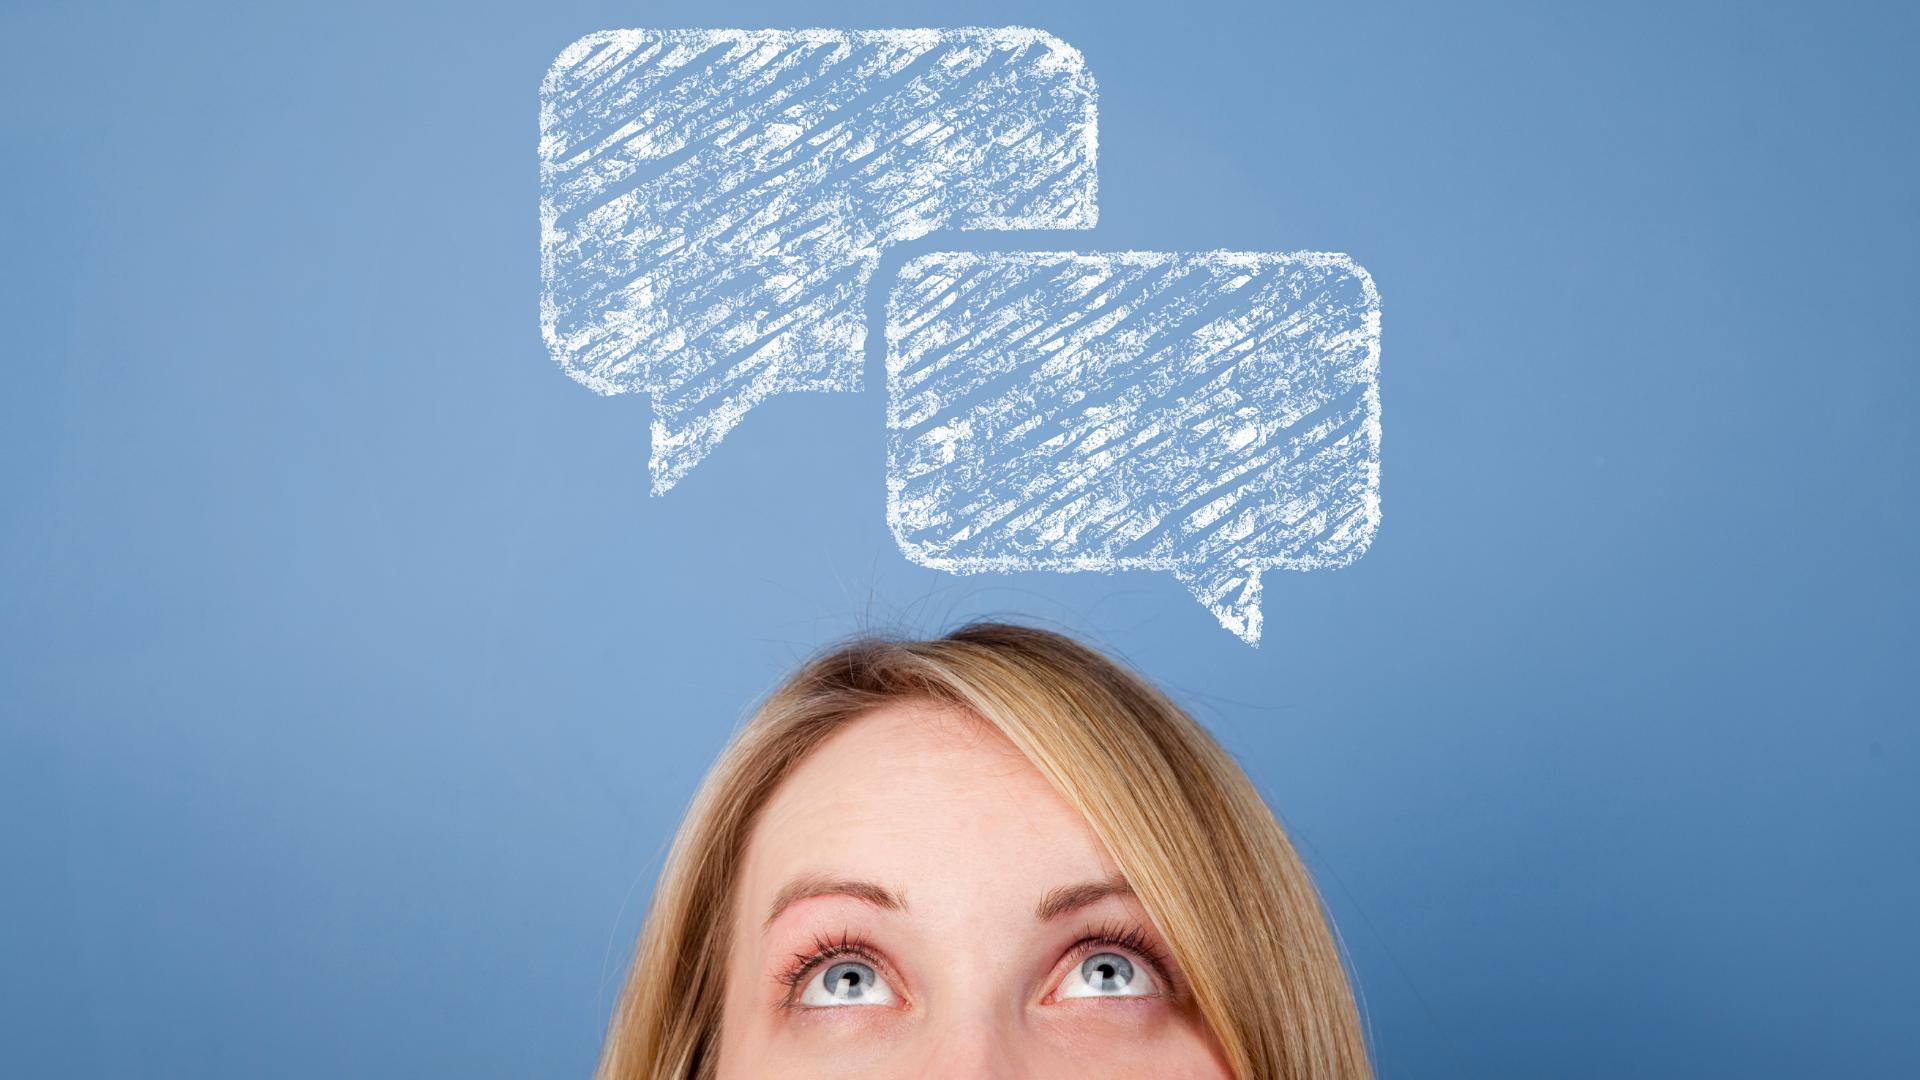 scegliere tra due opzioni podcast parole e salute